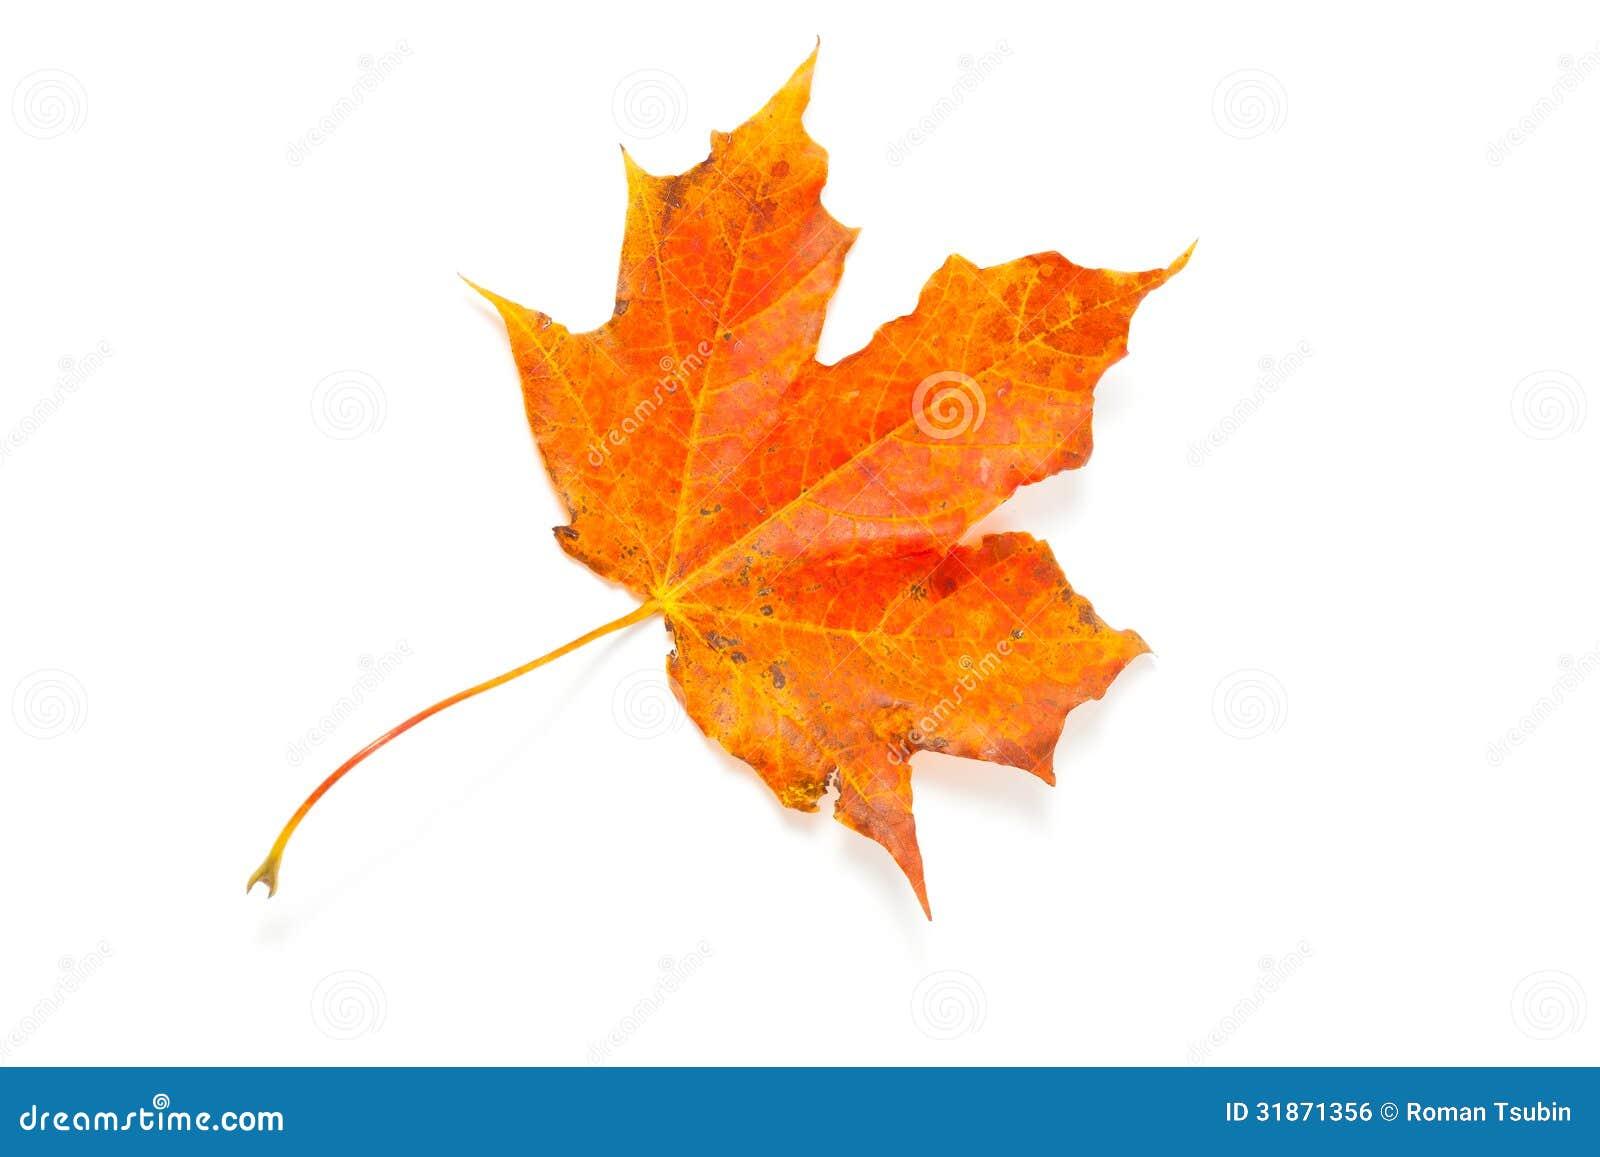 Feuille d 39 rable d 39 automne photo stock image du fond - Image feuille automne ...